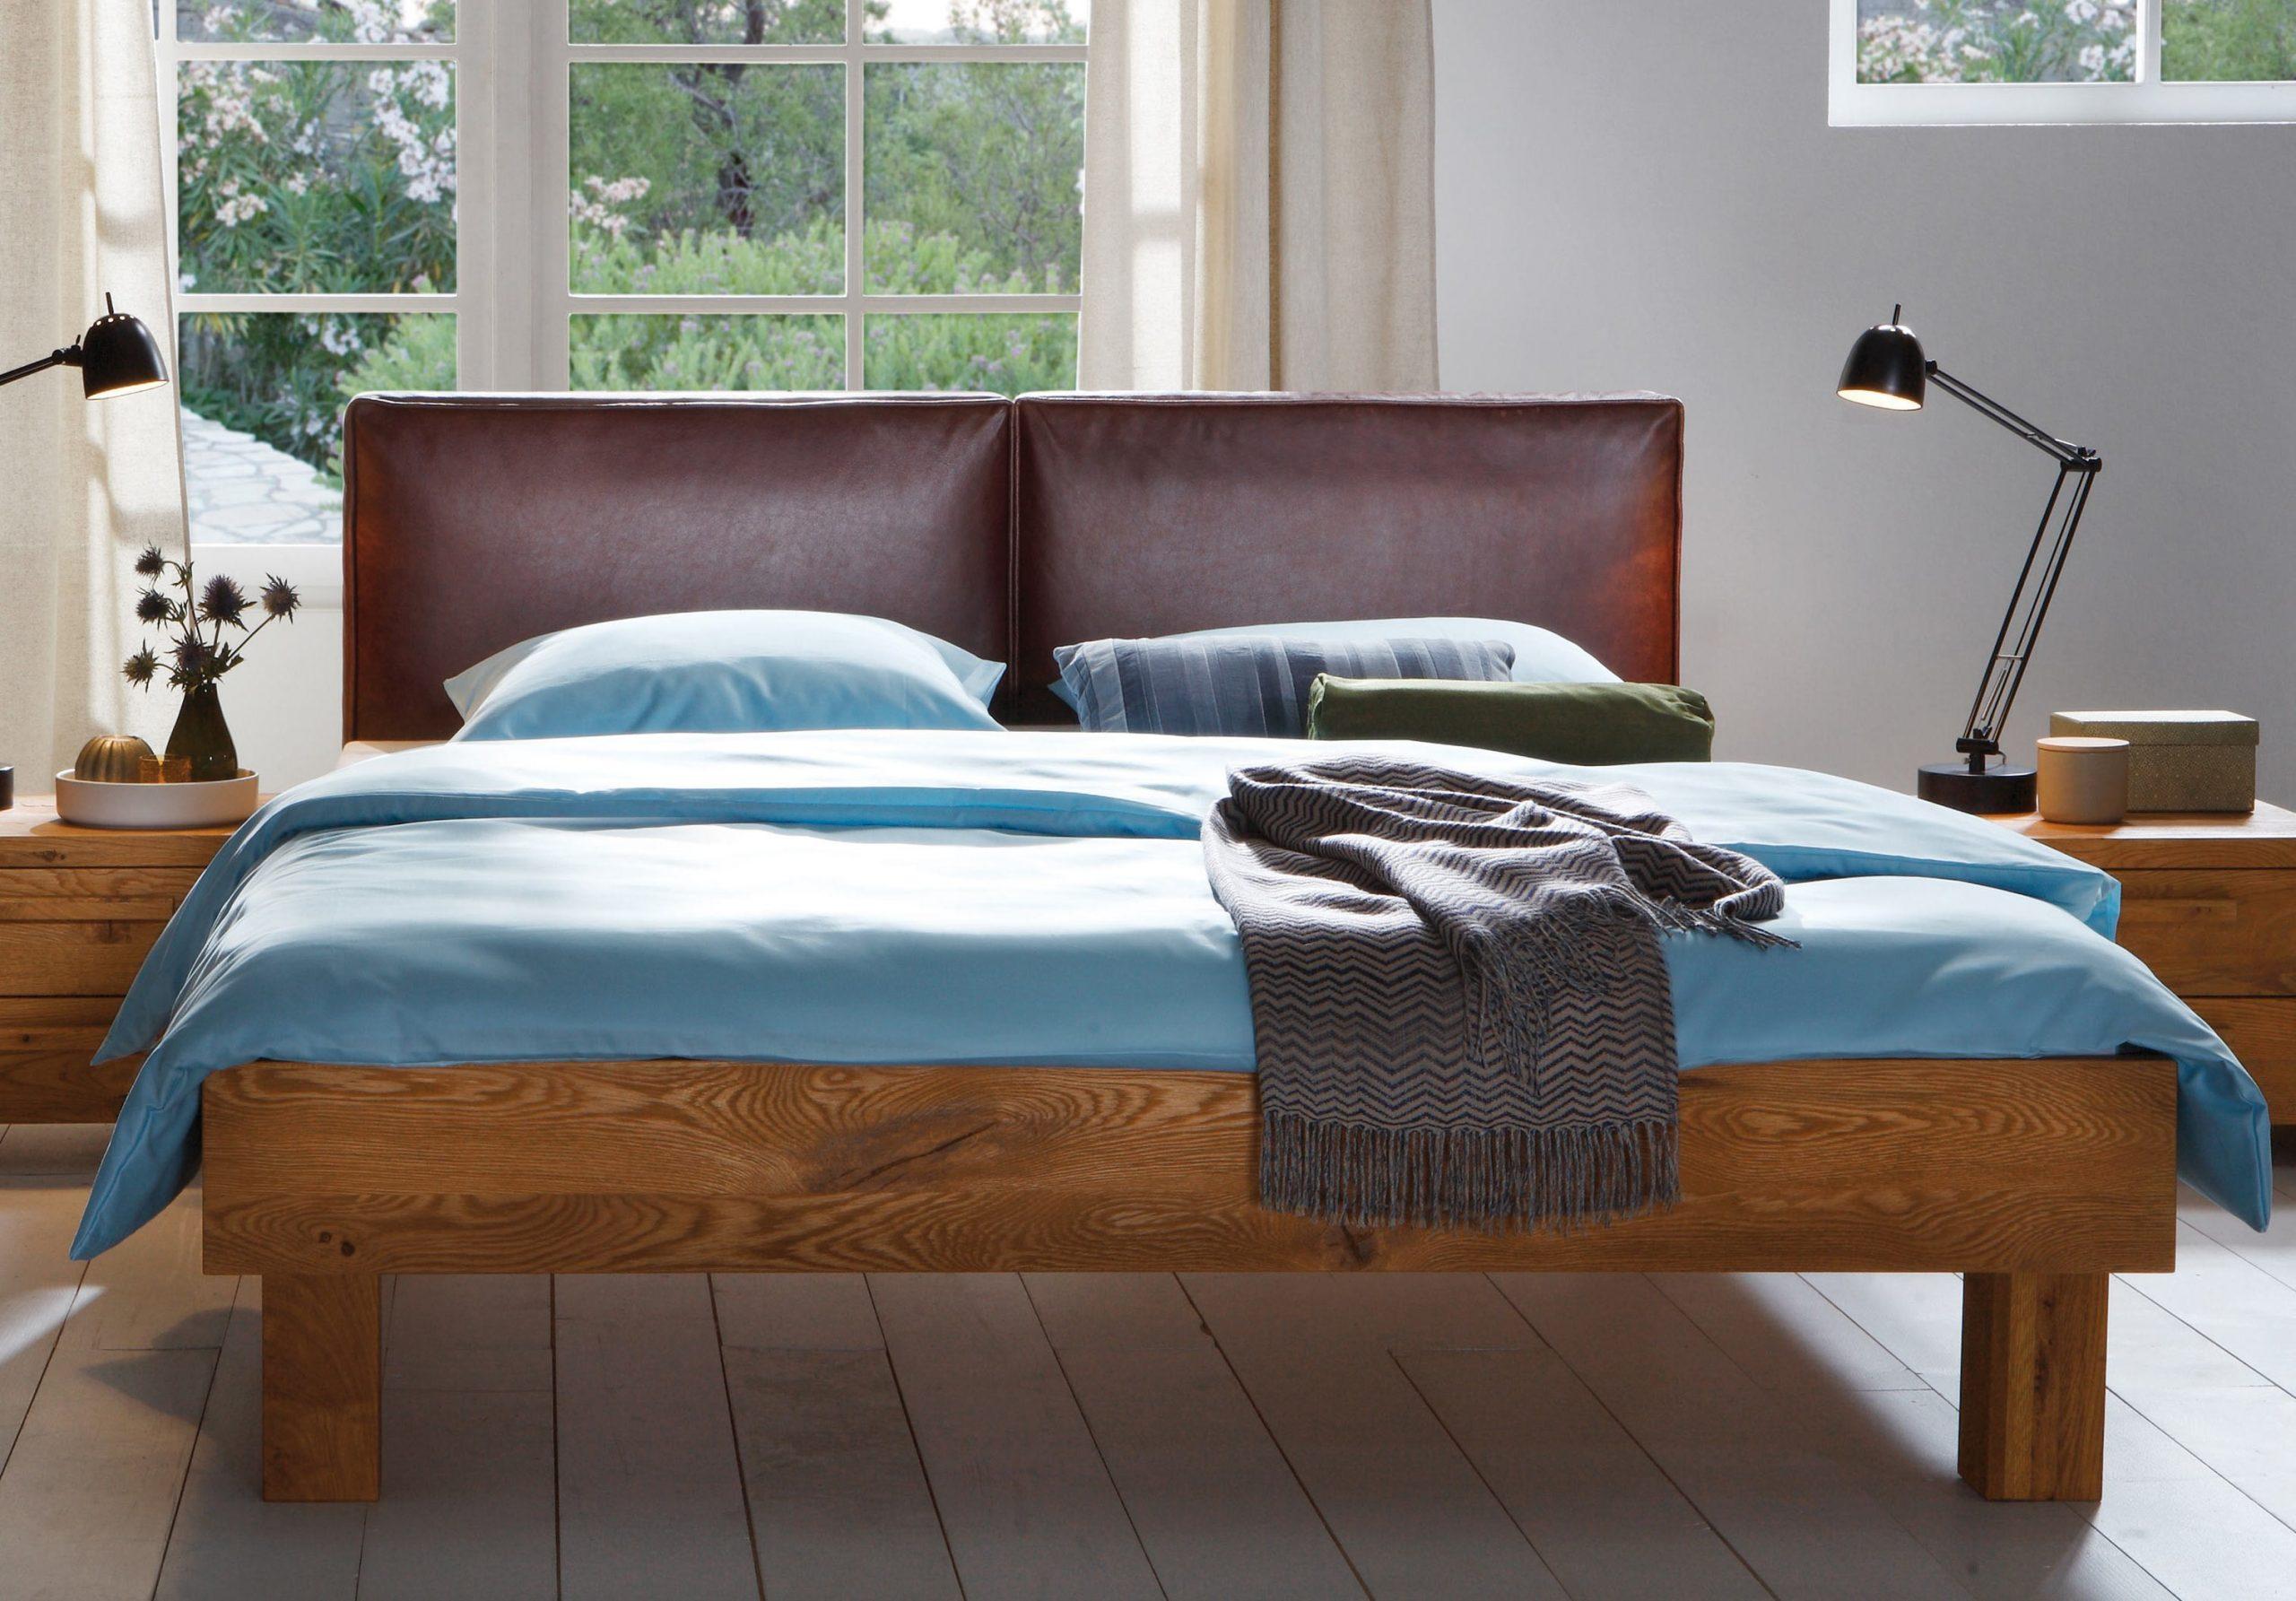 Full Size of Wildeiche Bett 140 Massiv 200x200 140x200 180x200 Bettbank 160x200 Eiche Metropolis Rückenlehne Halbhohes Japanische Betten Konfigurieren Bopita Weiß 160x220 Bett Wildeiche Bett